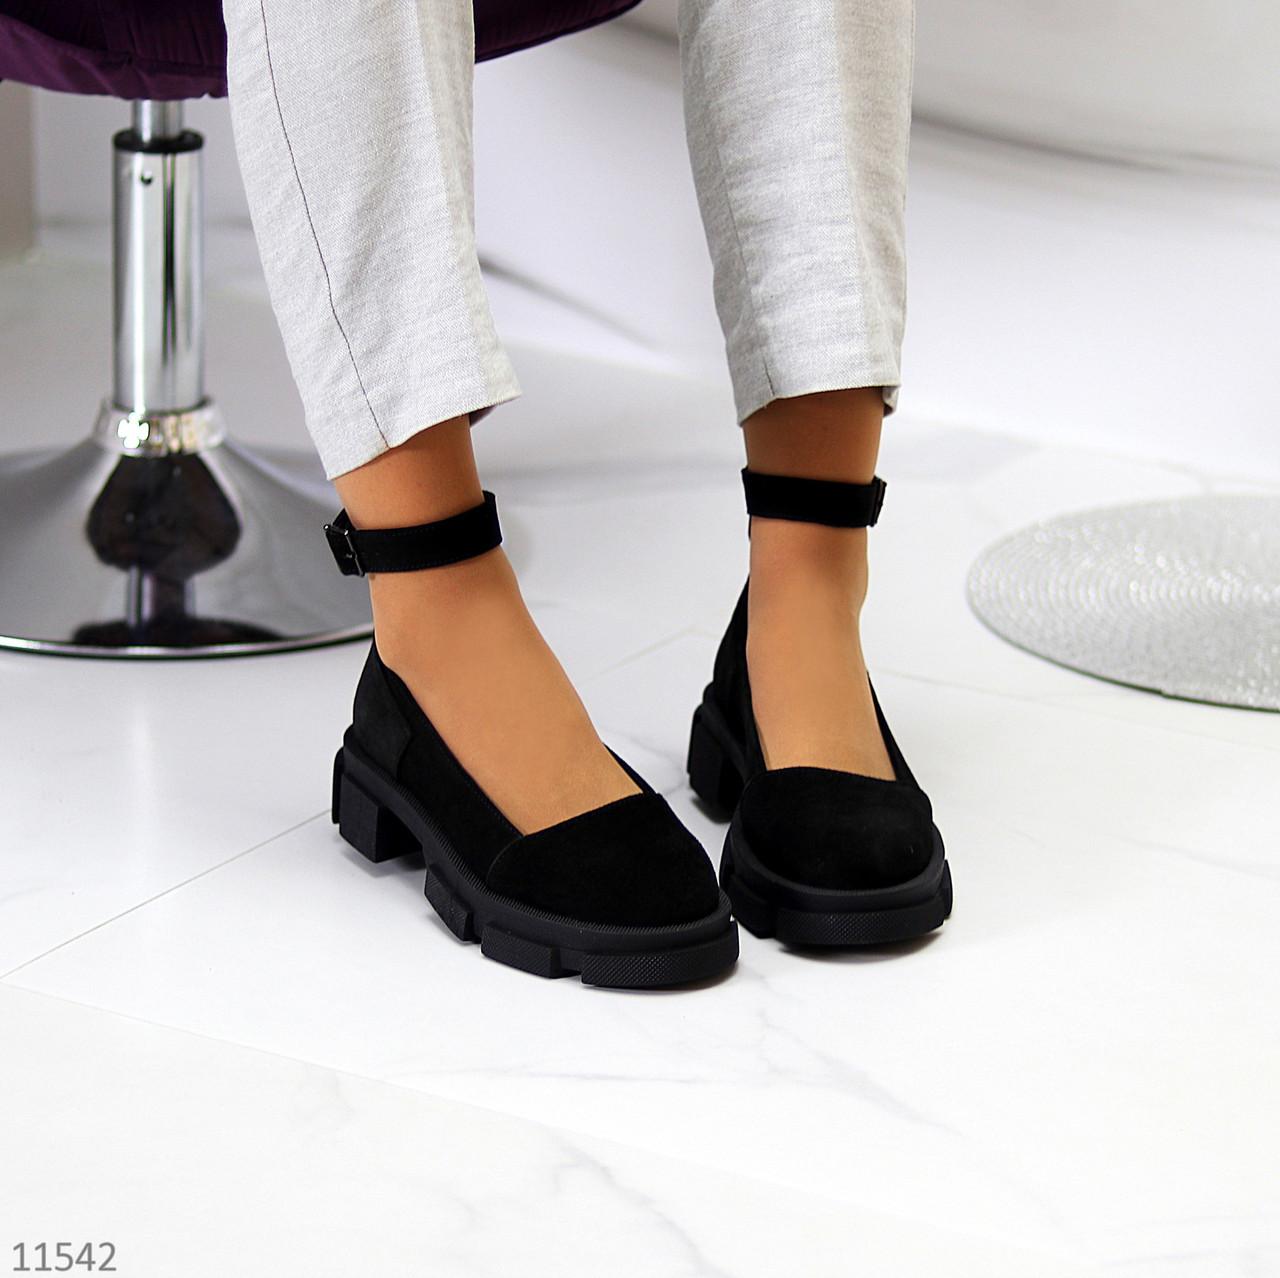 Замшеві туфлі натуральна замша шлейка на товстій підошві 36-23,5 37-24 38-24,5 39-25 40-25,5 см